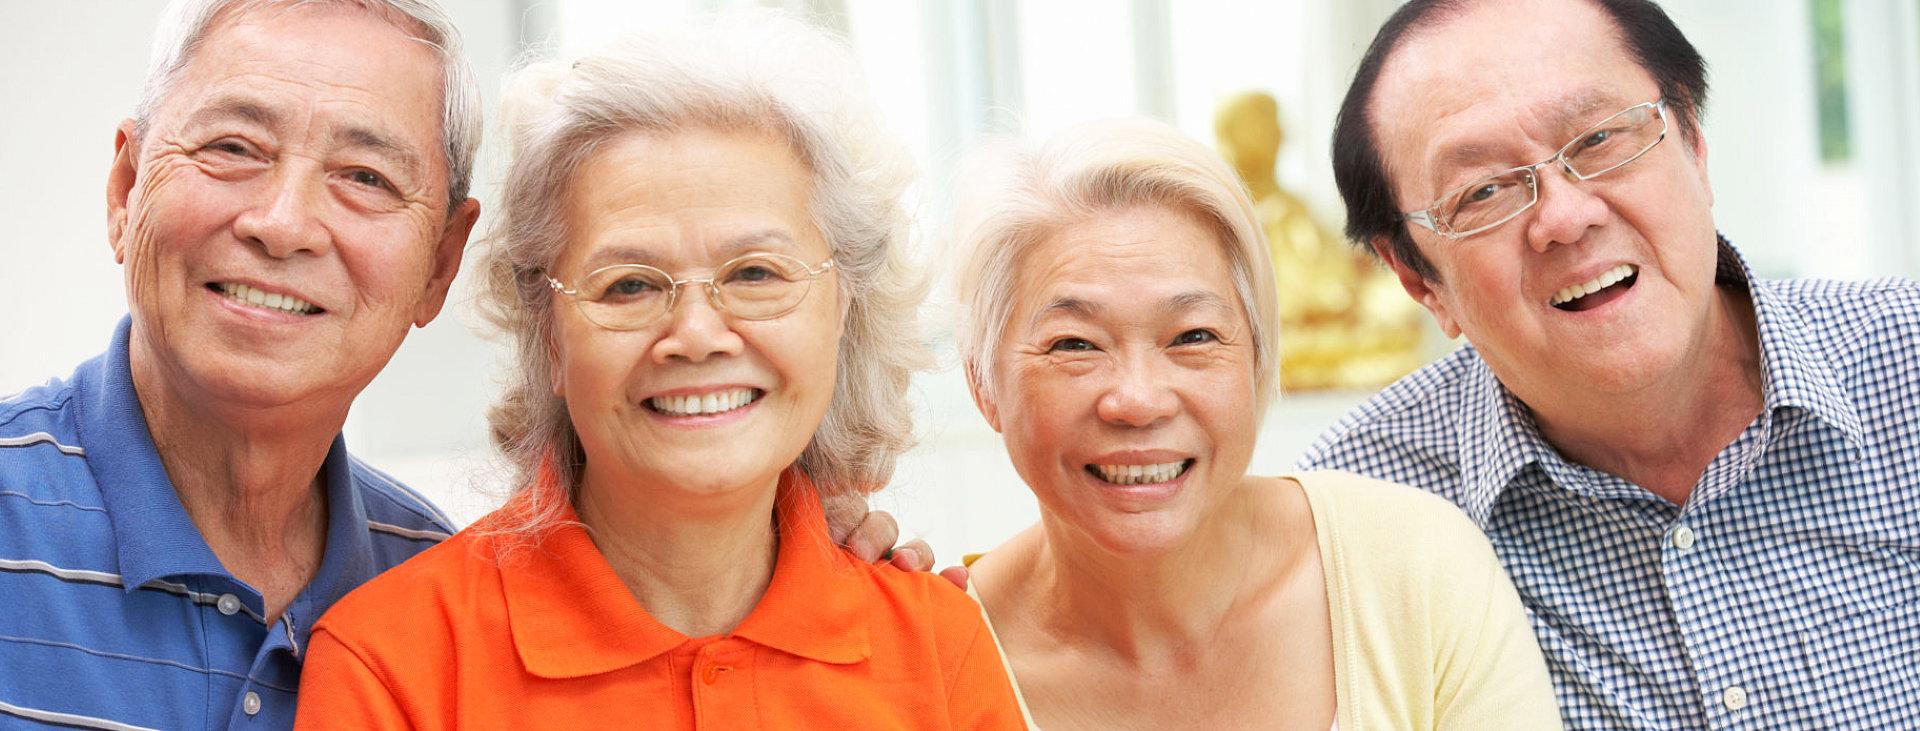 happy elderly's smiling